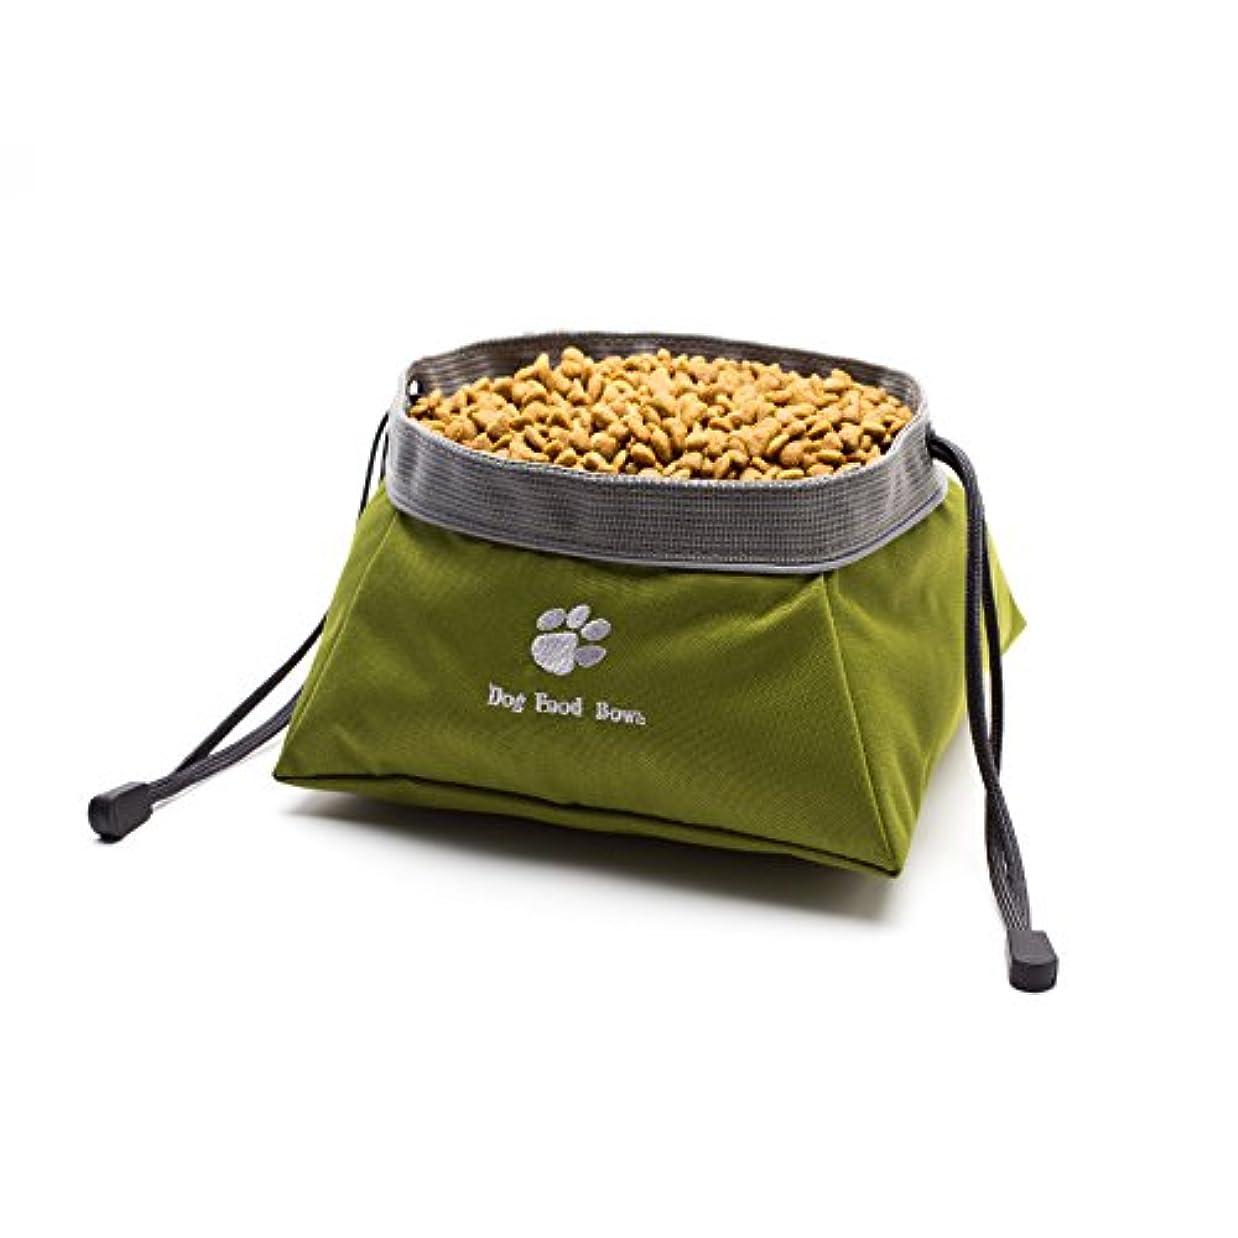 ペット食器 ペットボウル 犬猫通用 餌入れ 水やり用品 折り畳み式 持ち運び便利 旅行 防水 コンパクトに収納 軽量 大盛り台形 耐噛み yougheny (餌入れ)